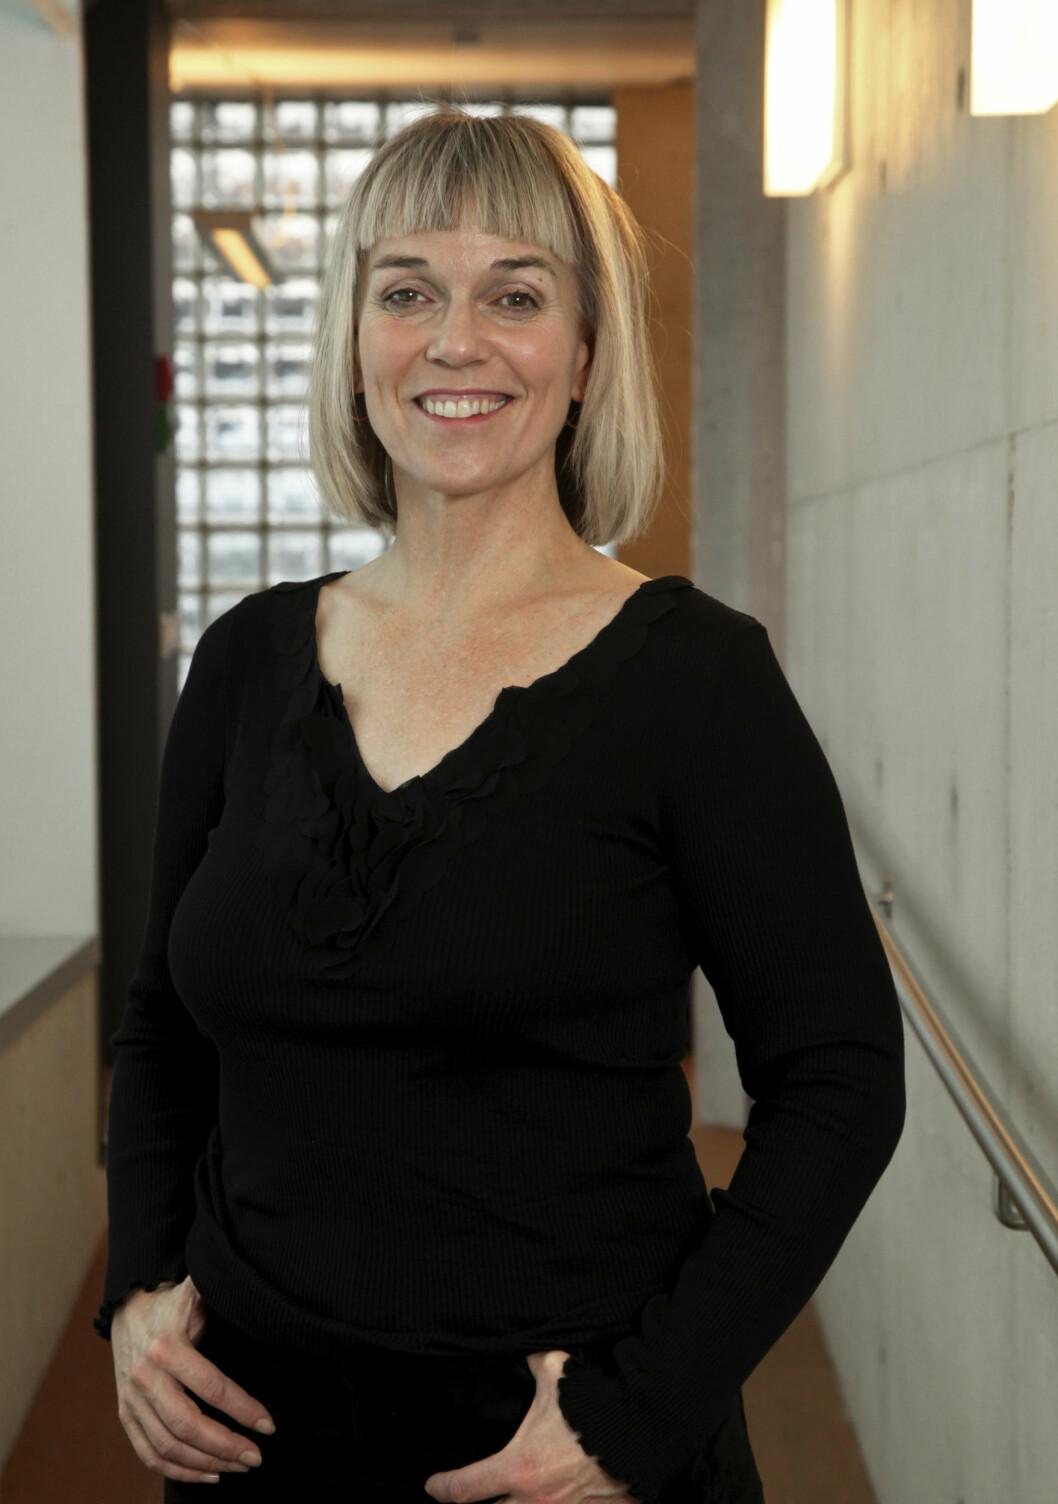 HUSARBEID ER IKKE EN BAGATELL: Psykolog og samlivsekspert Eva Tryti mener at husarbeid og tidsbruk er hovedårsak til konflikt blant par.